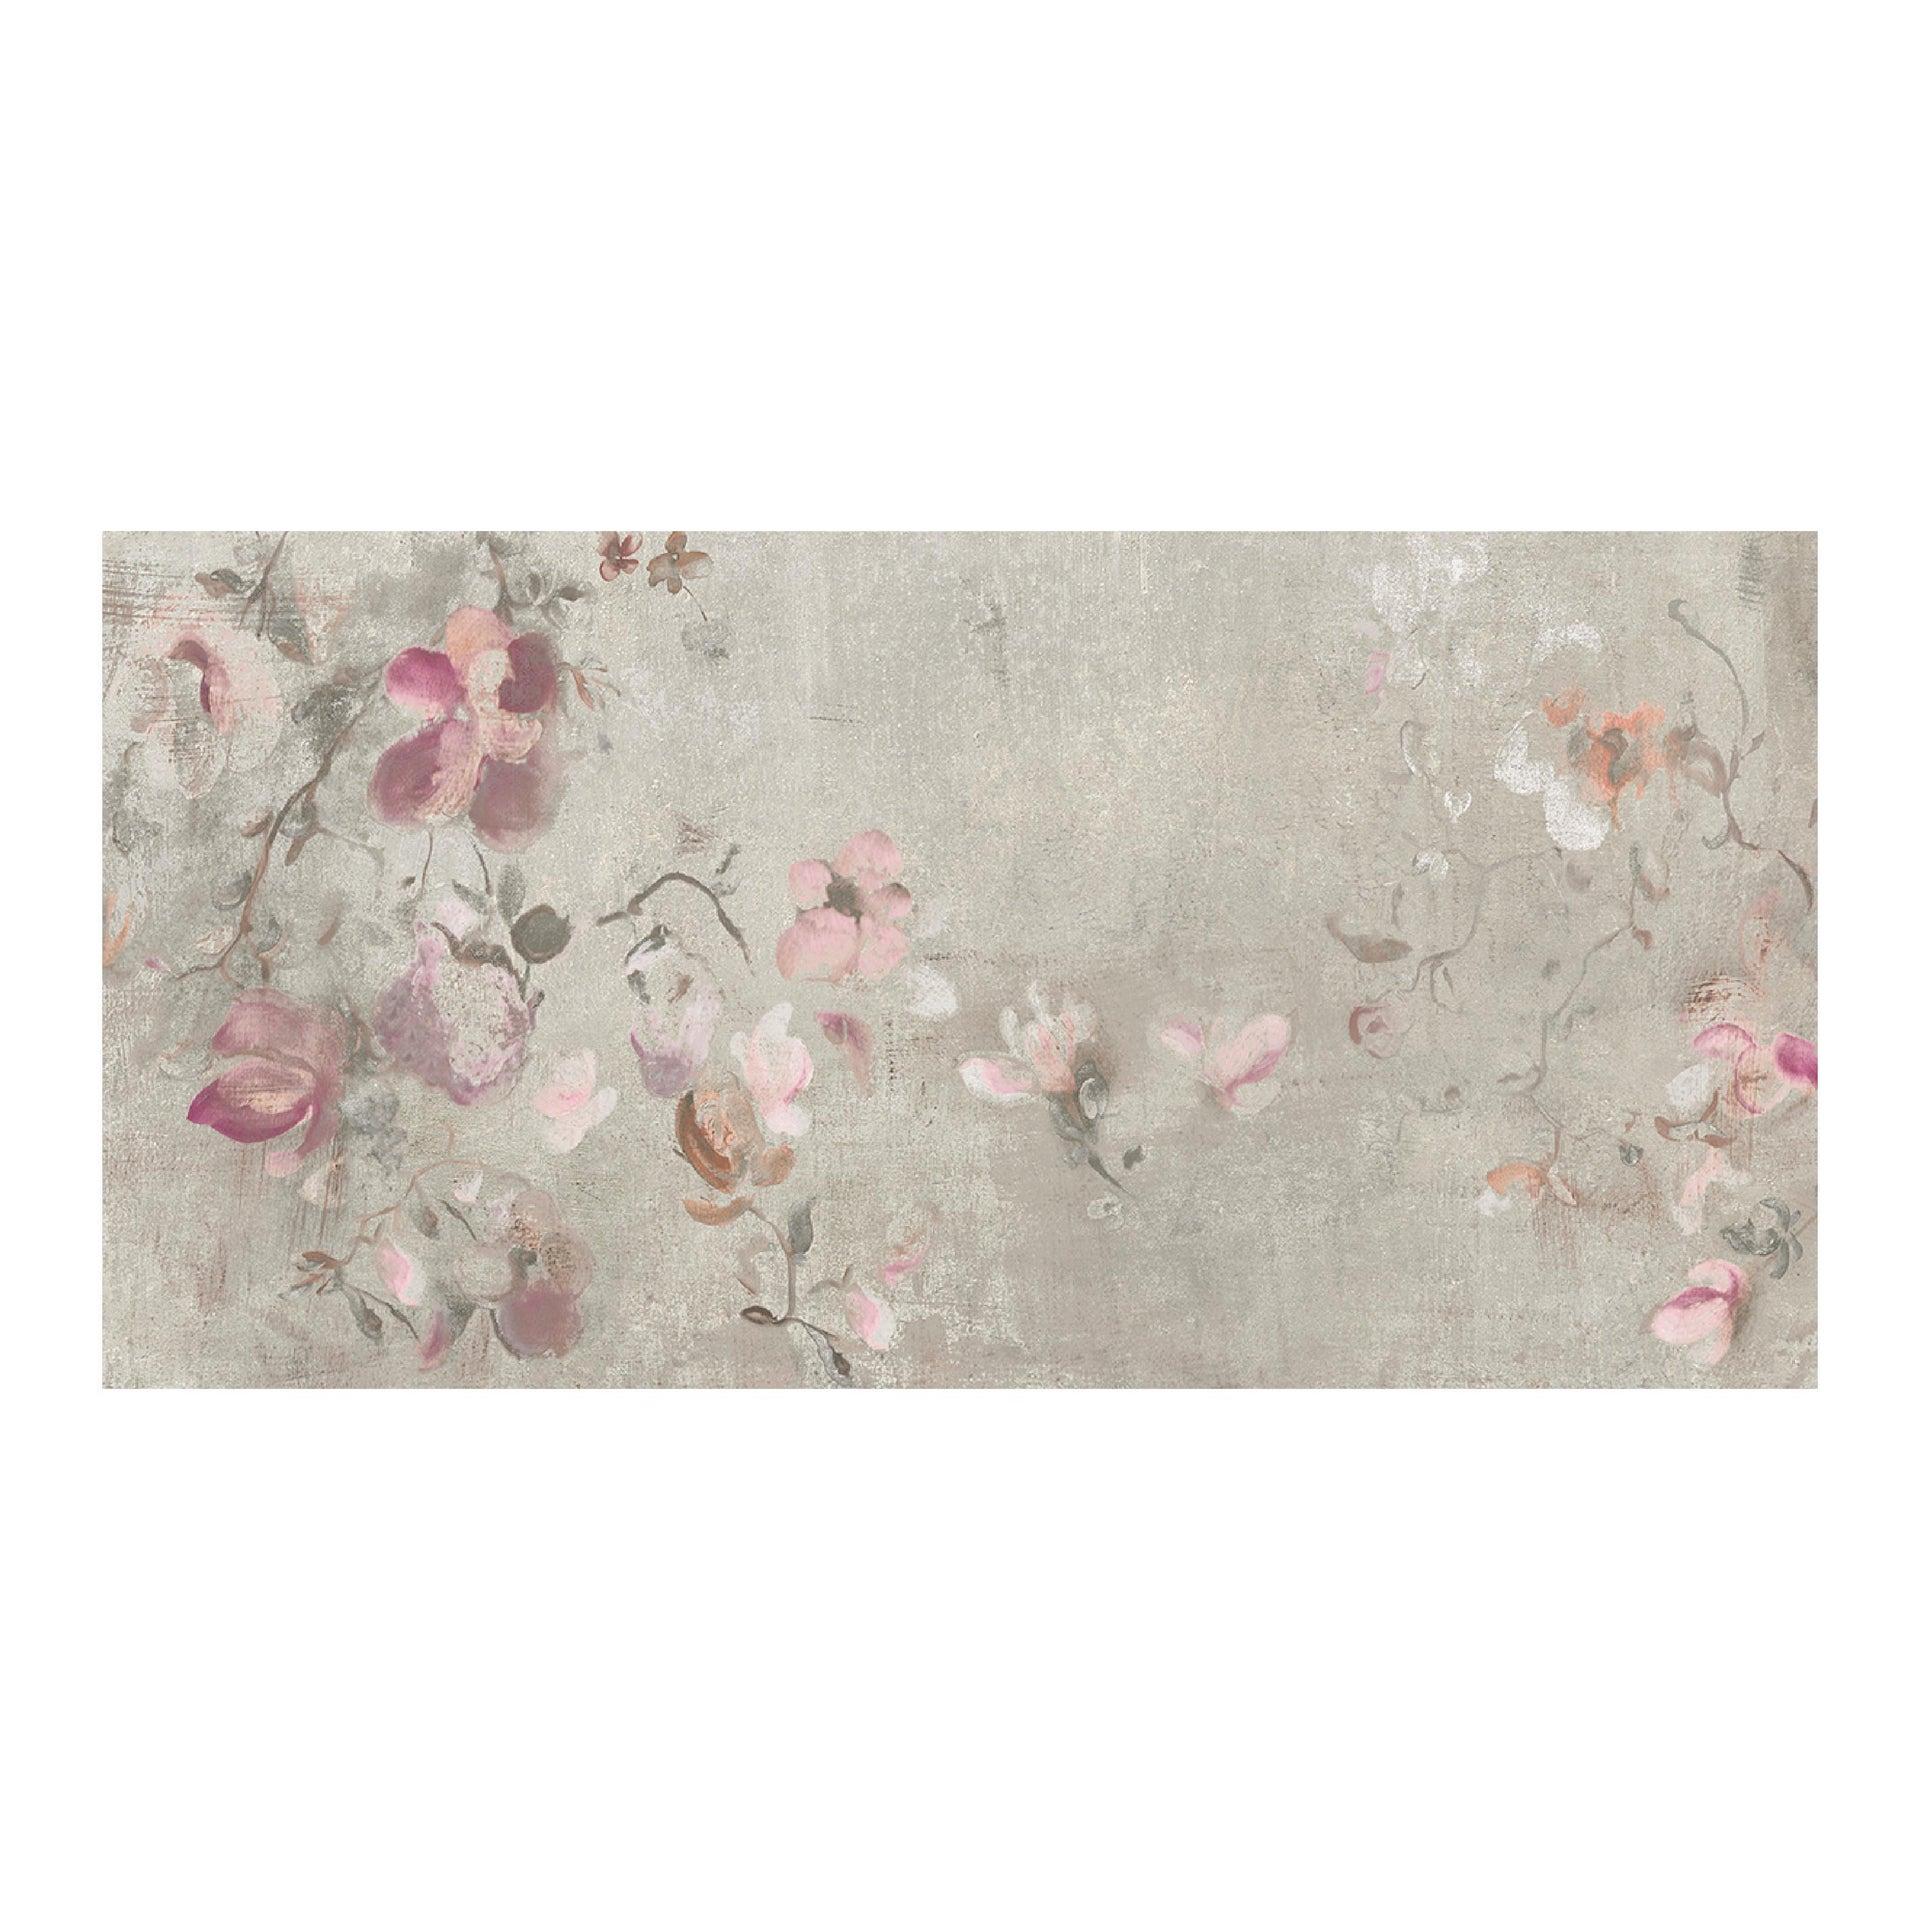 Piastrella City Grey Decoro Flower 60 x 120 cm sp. 9.5 mm PEI 4/5 grigio - 8